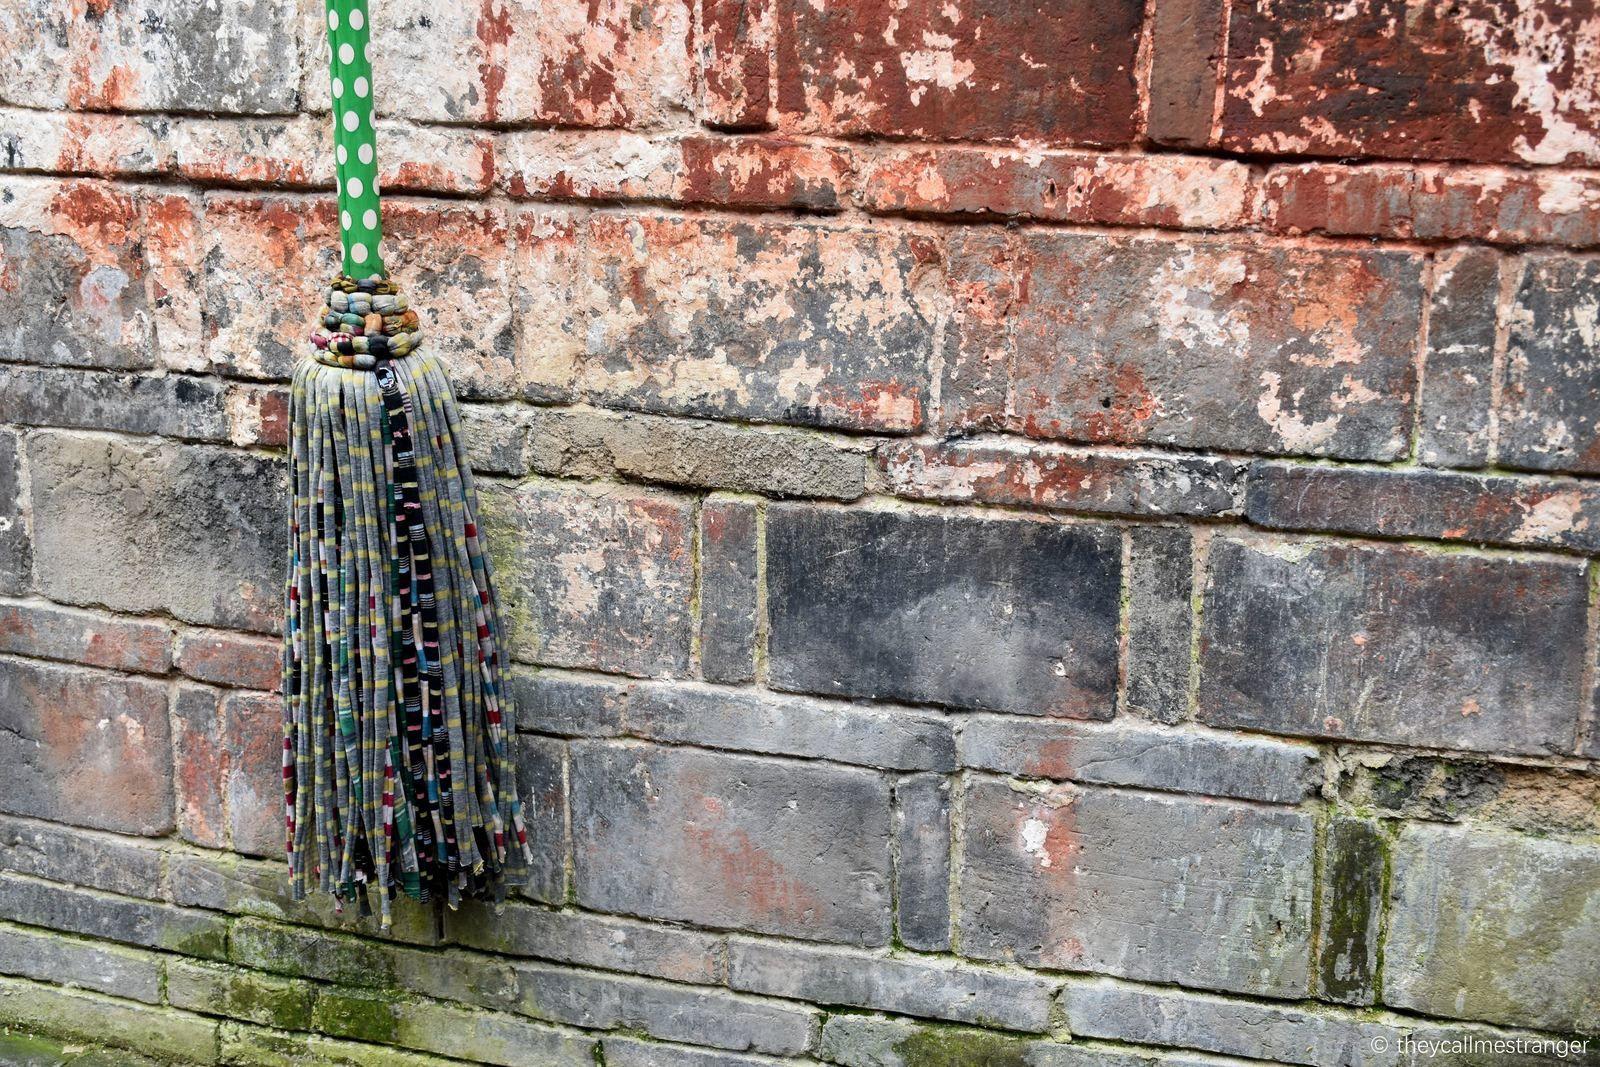 Furong 芙蓉, la vieille ville perchée au sommet d'une cascade